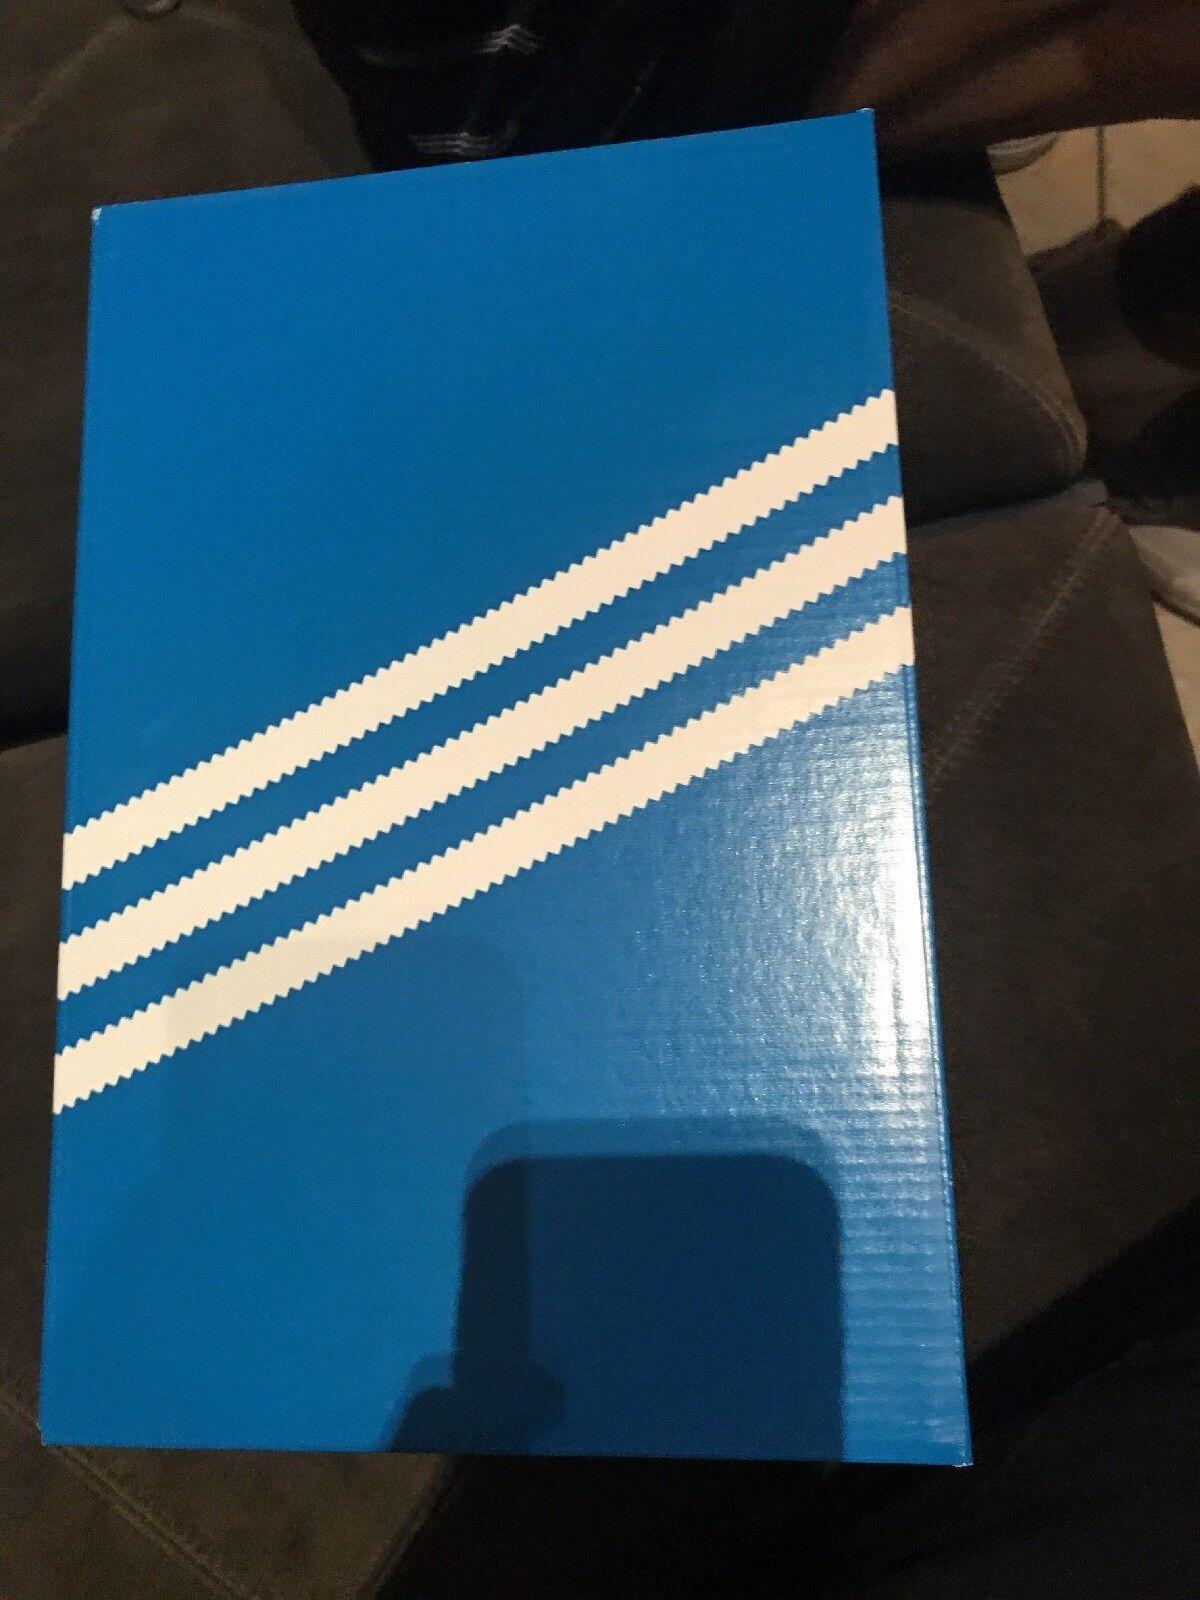 Adidas Originals metalico Stan Smith CF oro metalico Originals zapato 793bac